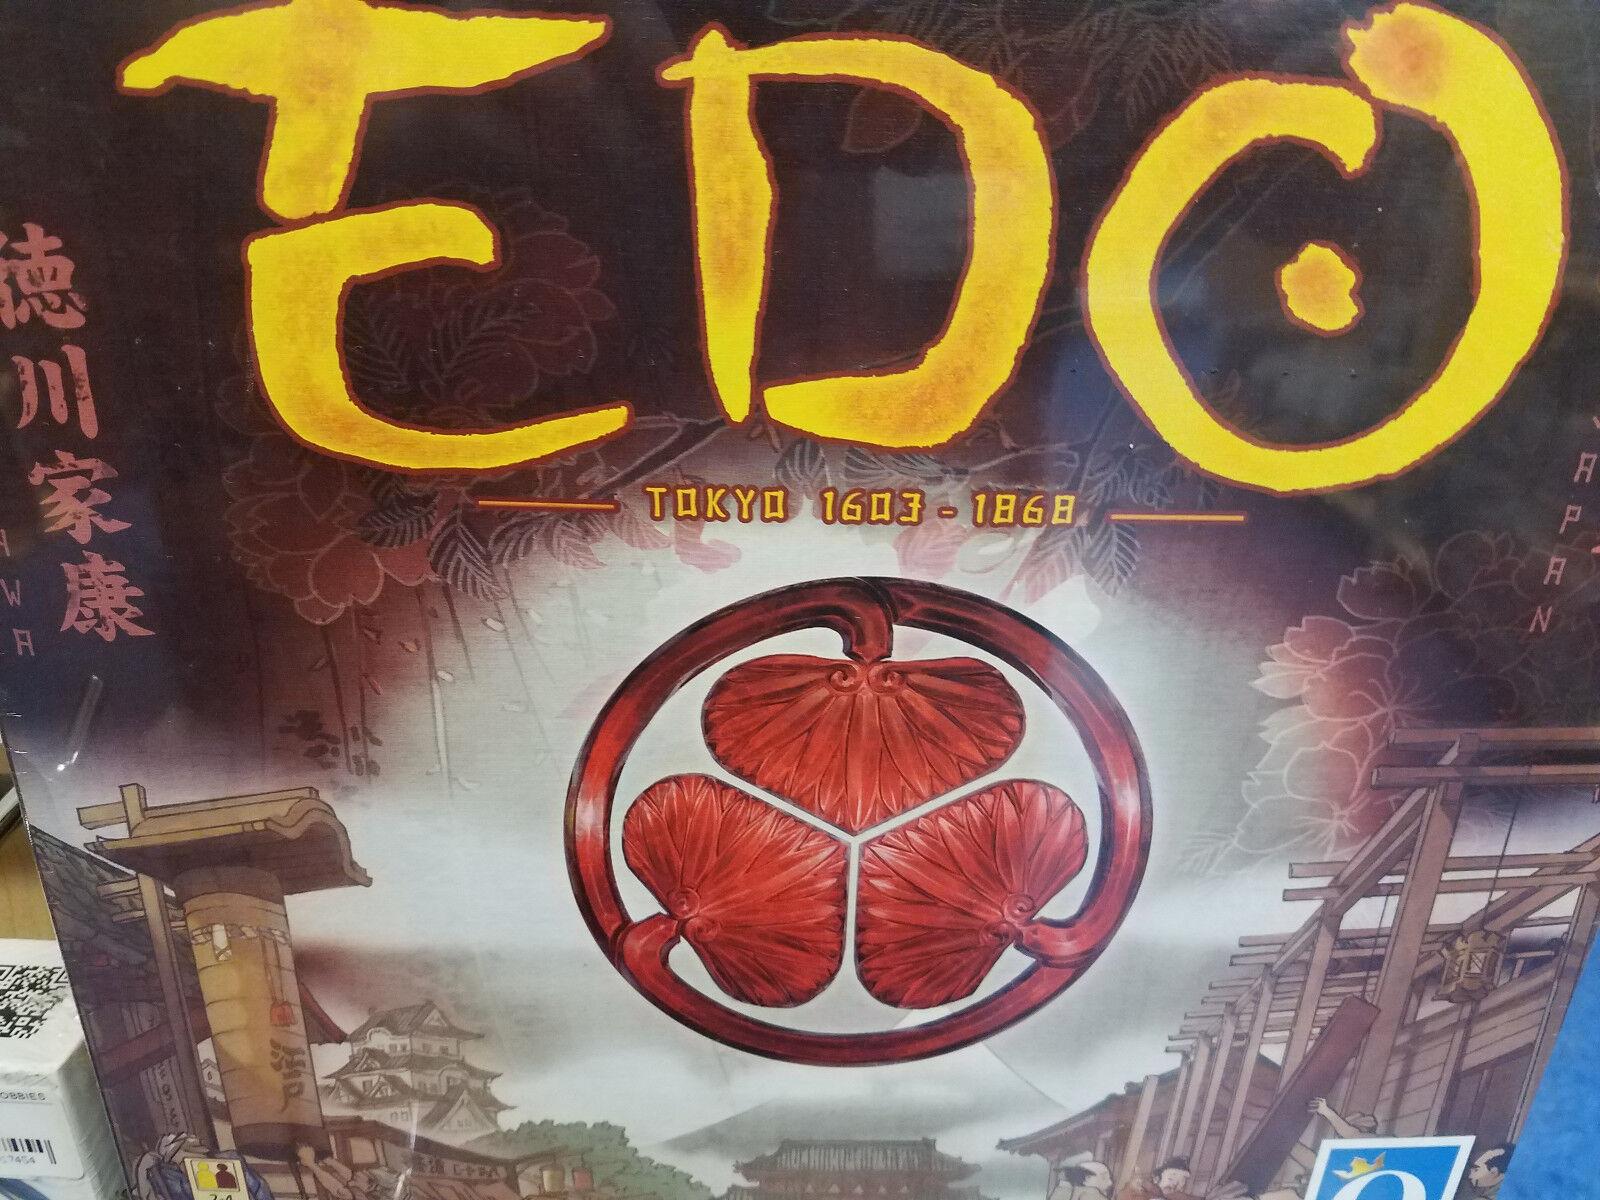 Edo-Queen Juegos Juego De Mesa  nuevo